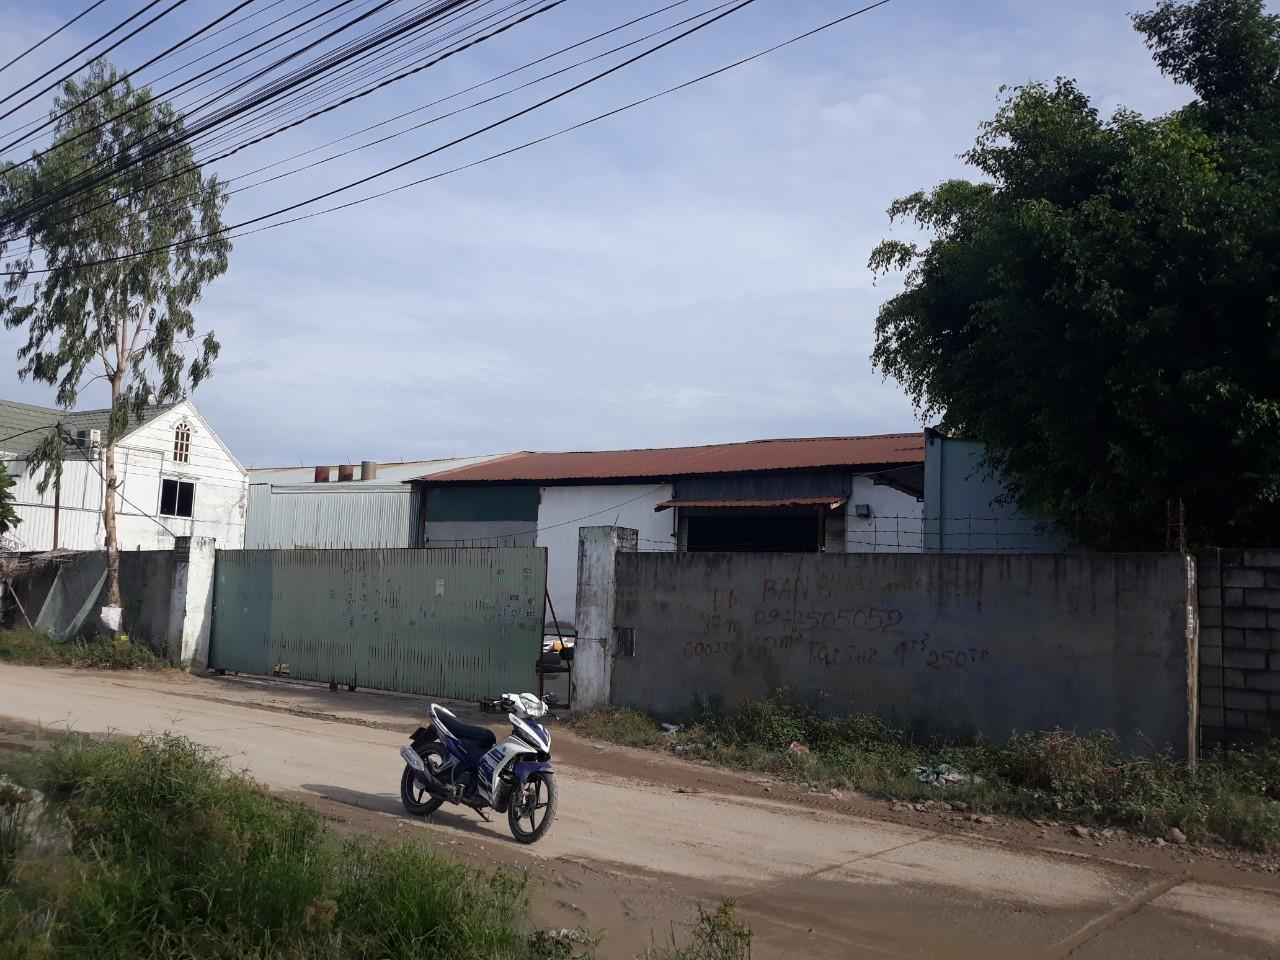 Bán nhà xưởng giá rẻ,đường vũng việt,P.tân đông hiệp,dĩ an,bình dương,10 triệu/m2,2100m